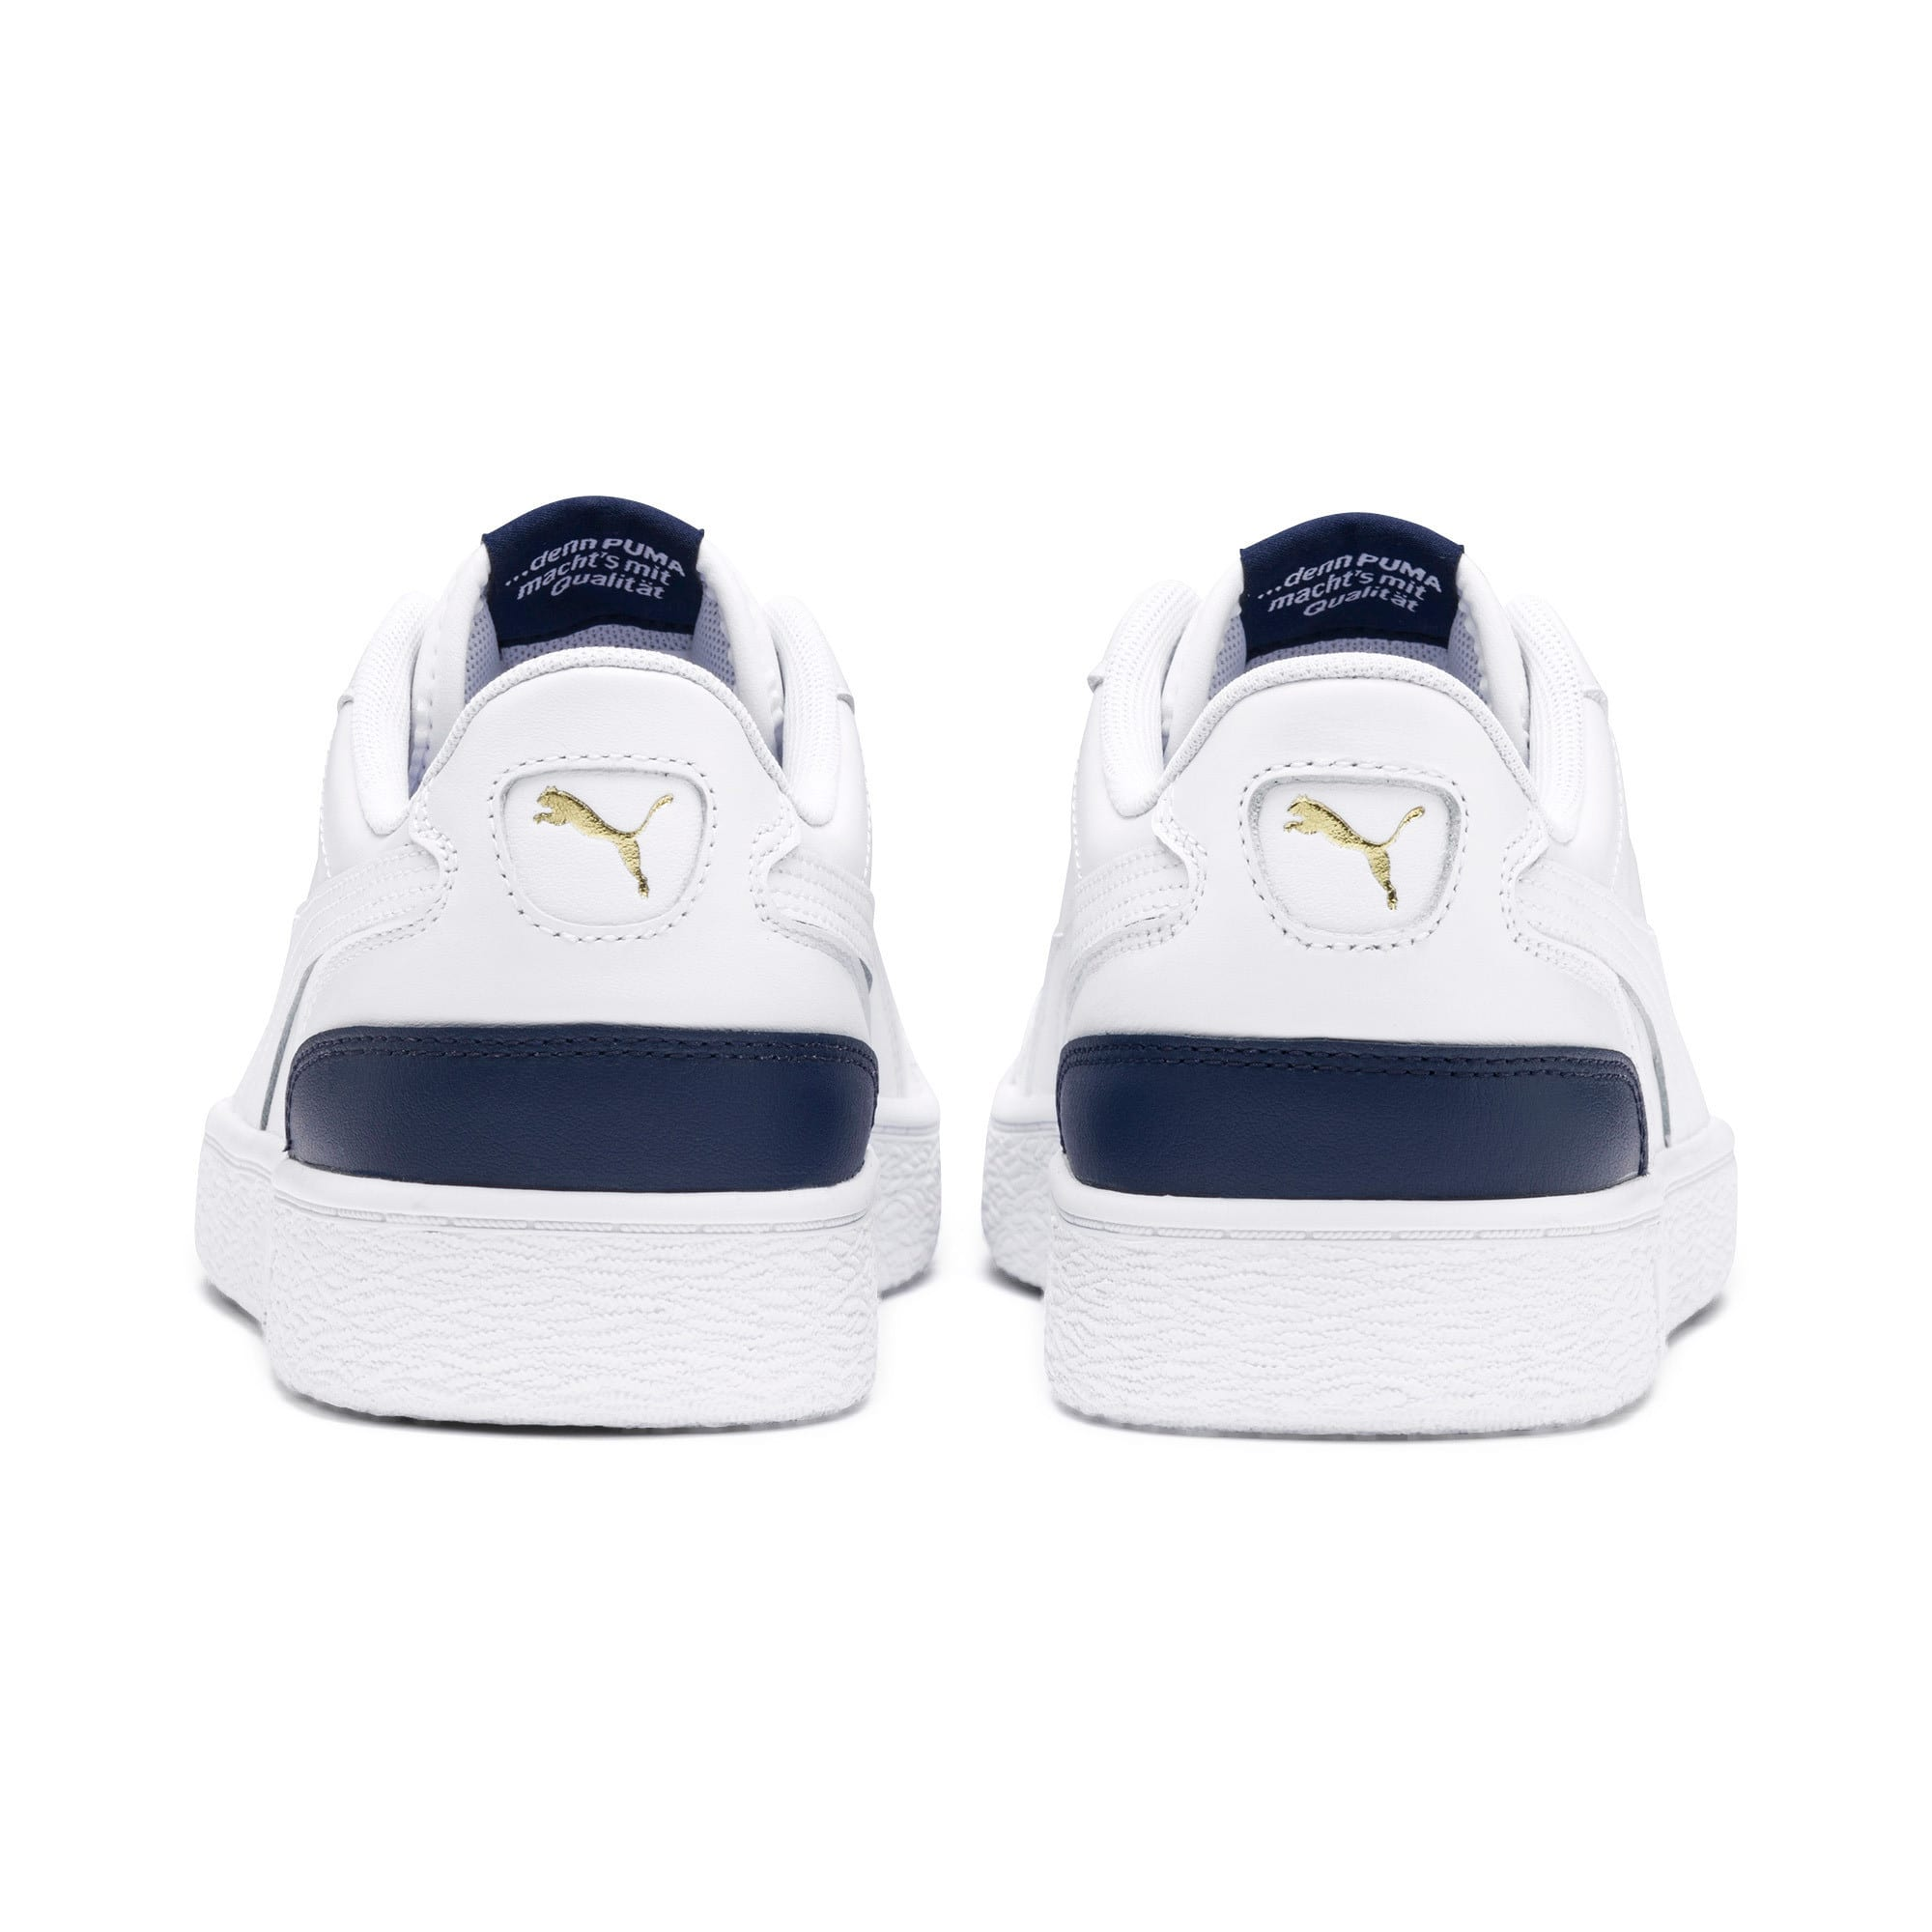 Miniatura 3 de Zapatos deportivosRalph Sampson Lo, Puma Wht-Peacoat-Puma Wht, mediano